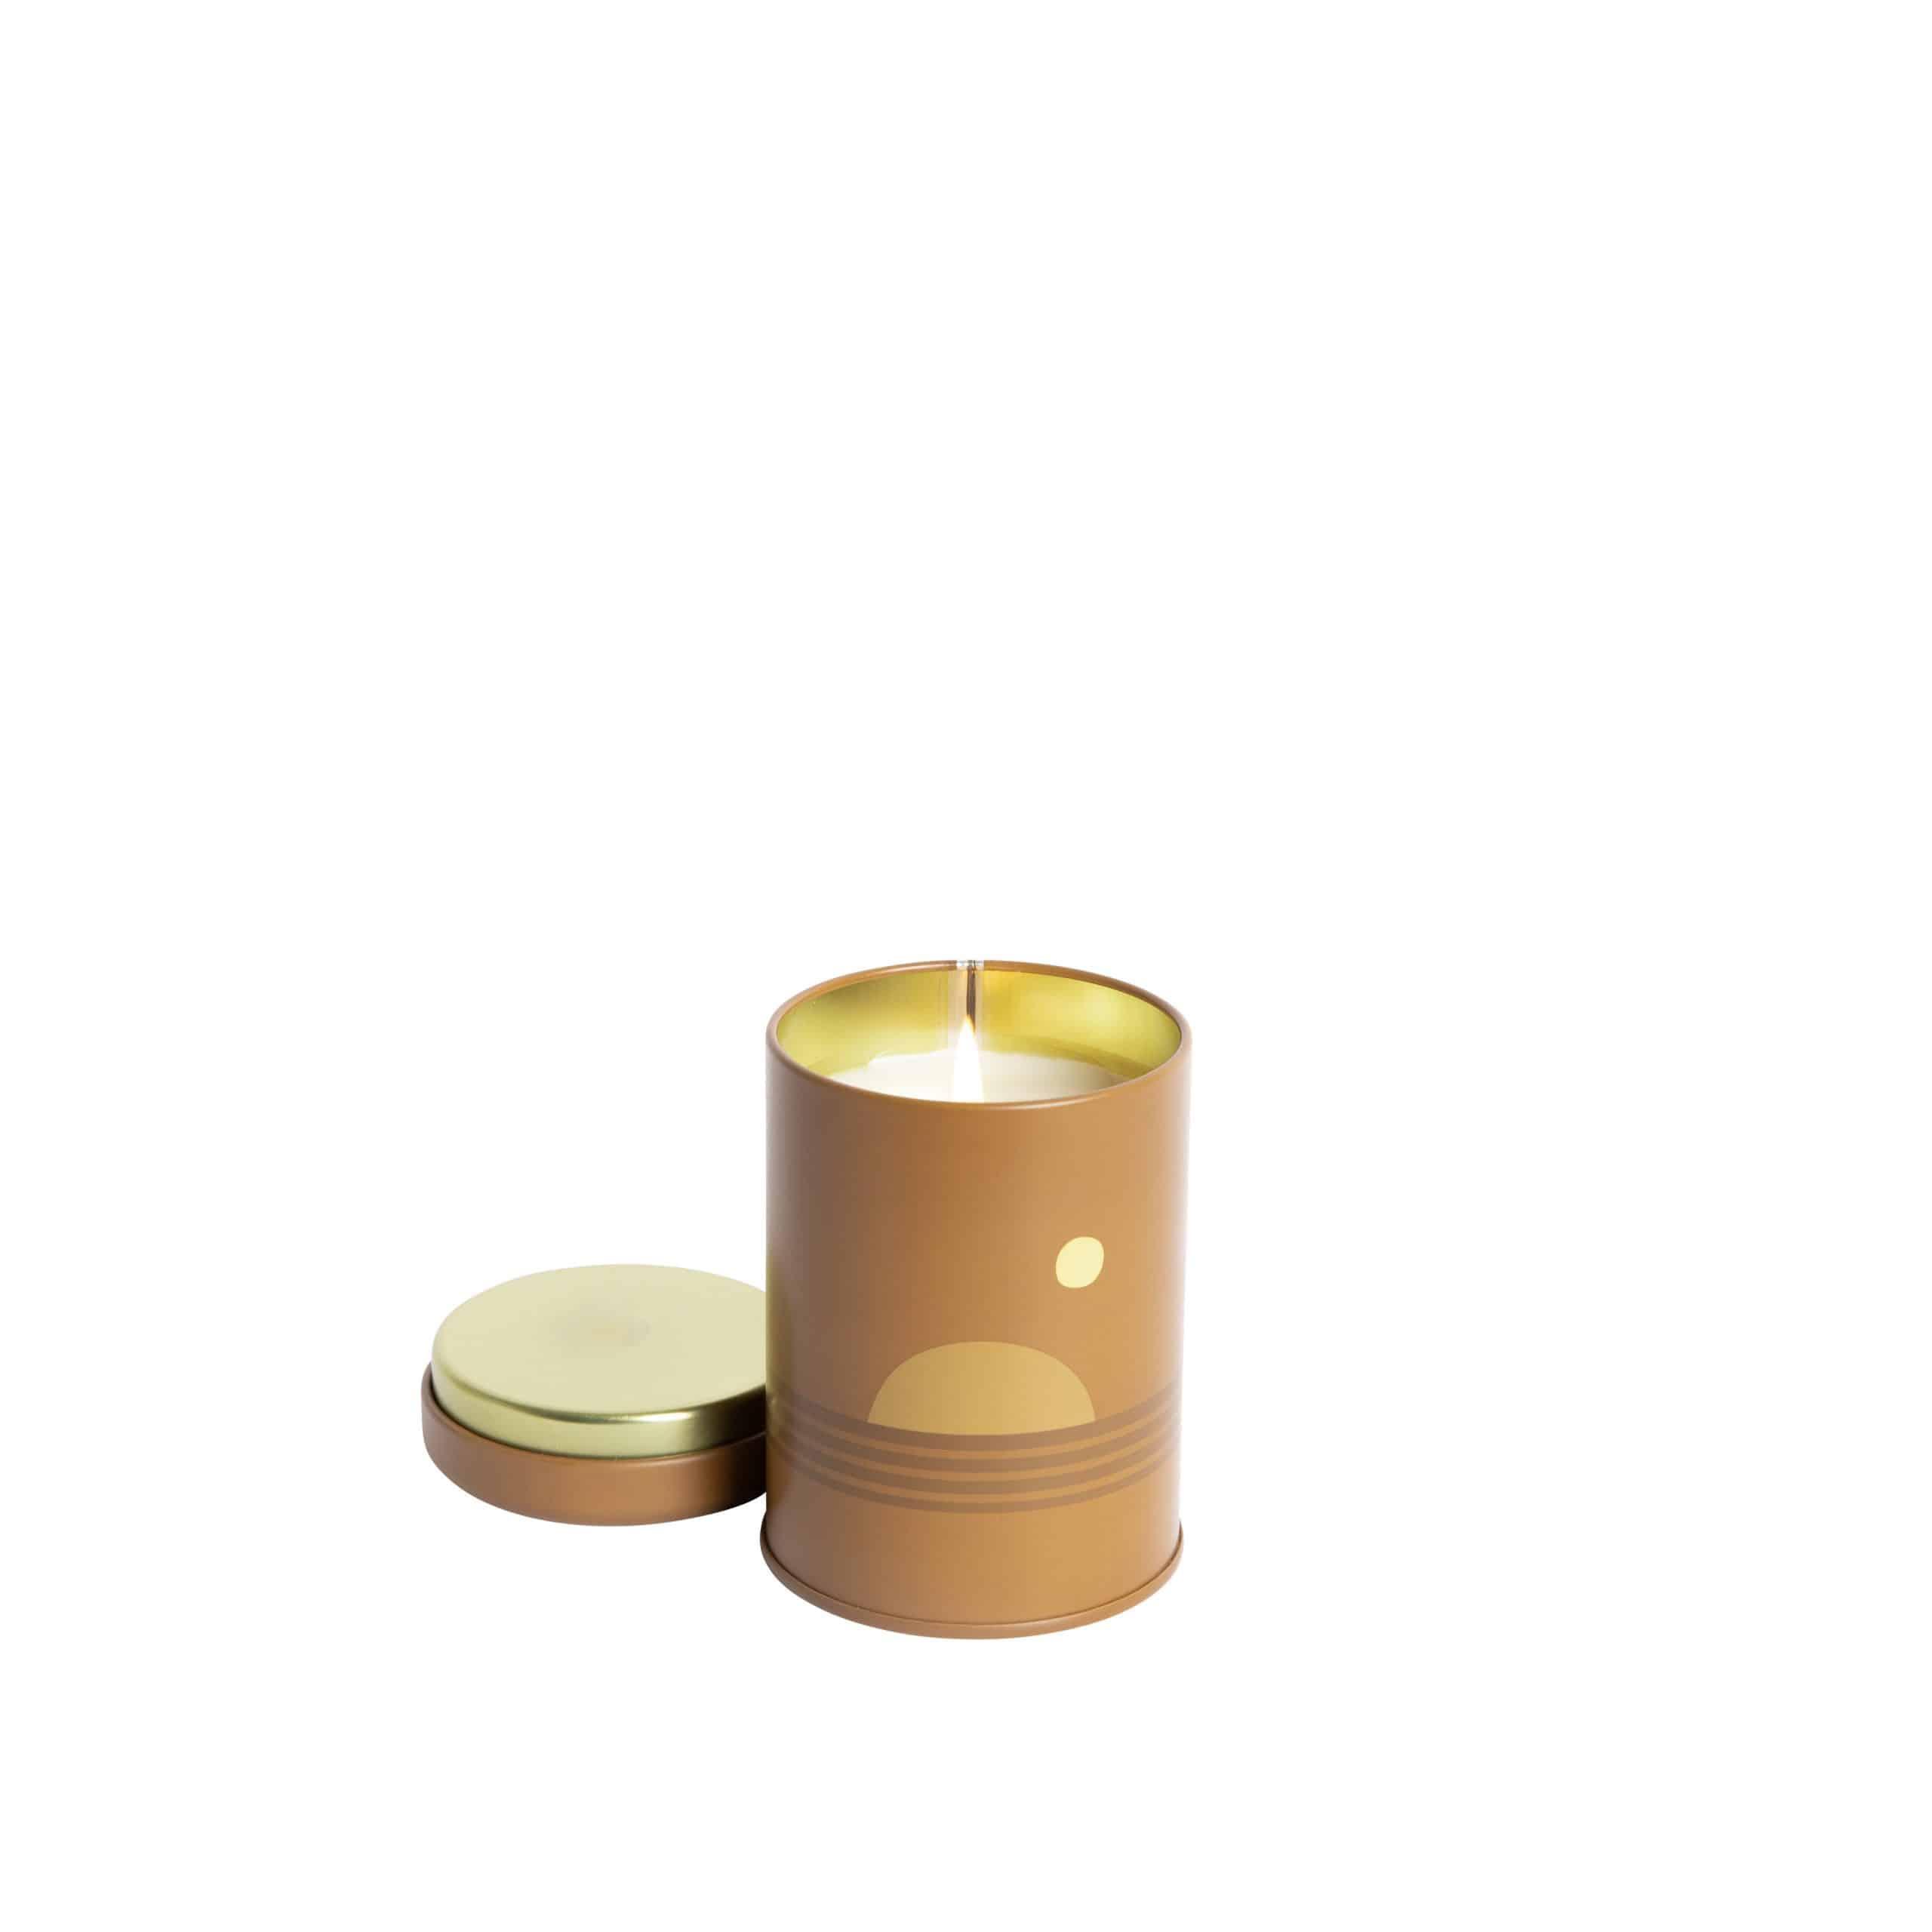 Dusk – 10 oz Sunset Soy Candle